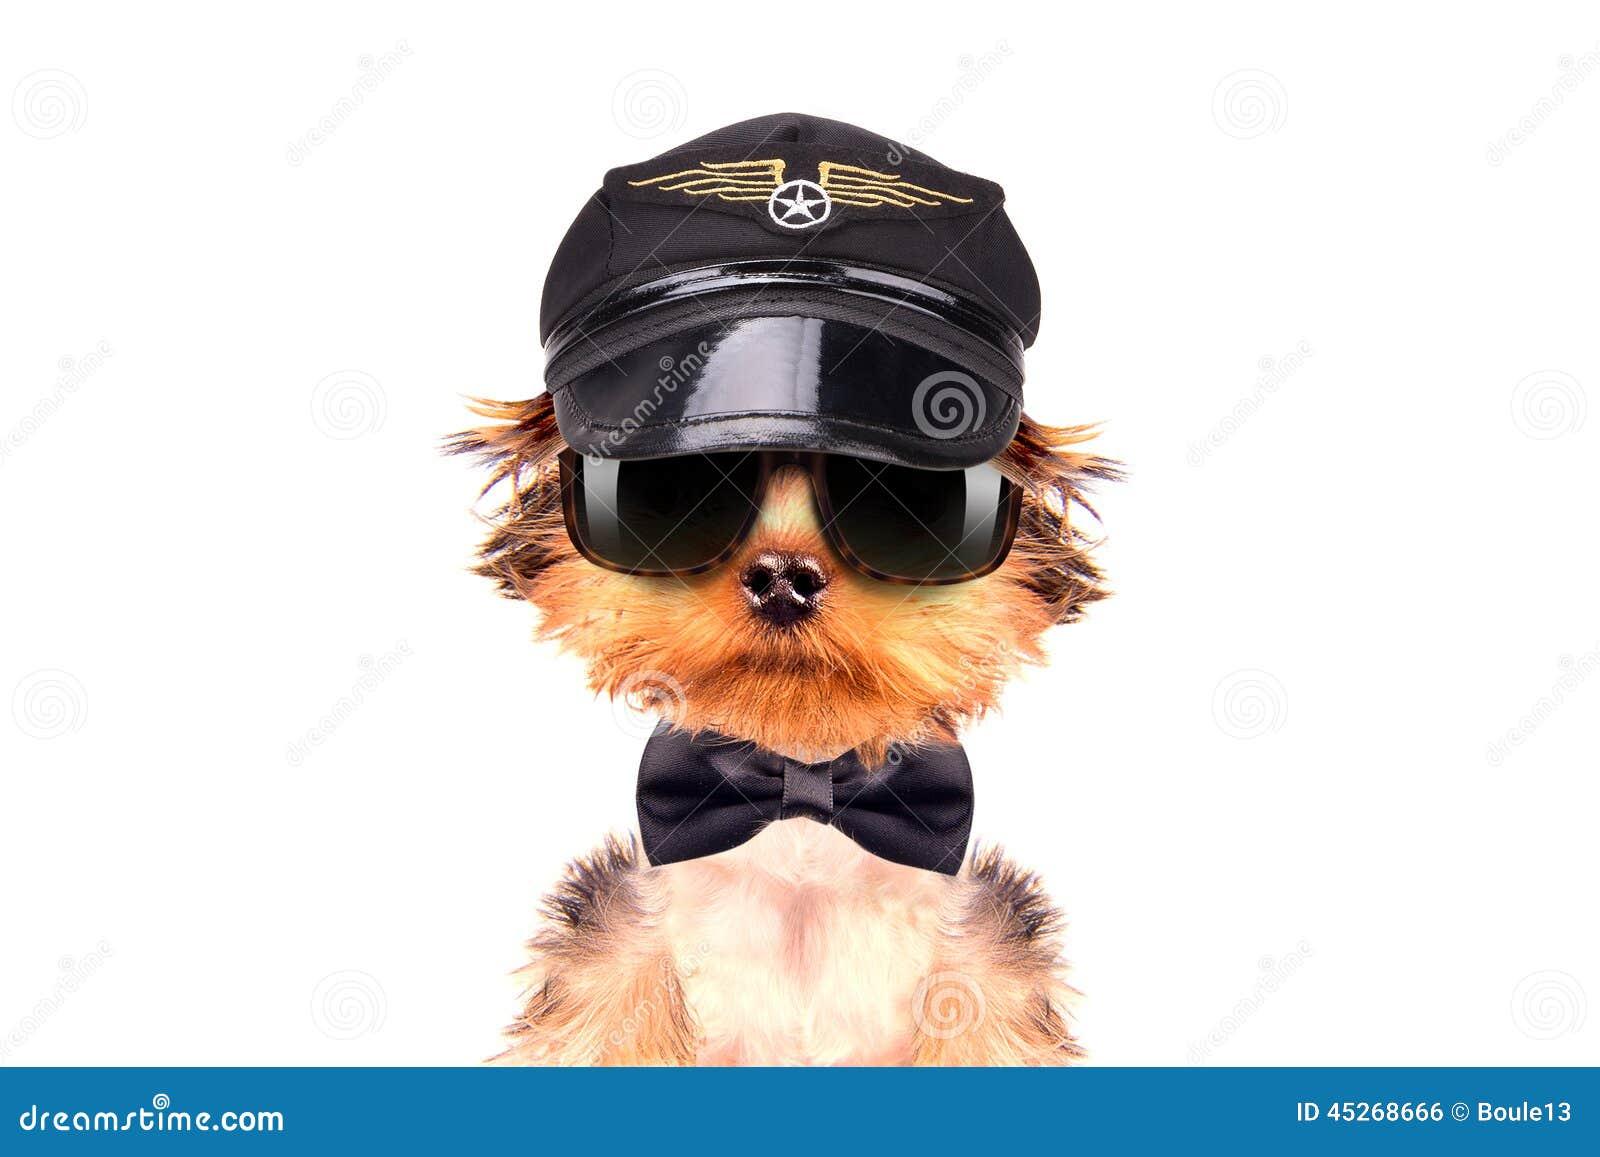 Hund gekleidet als Pilot